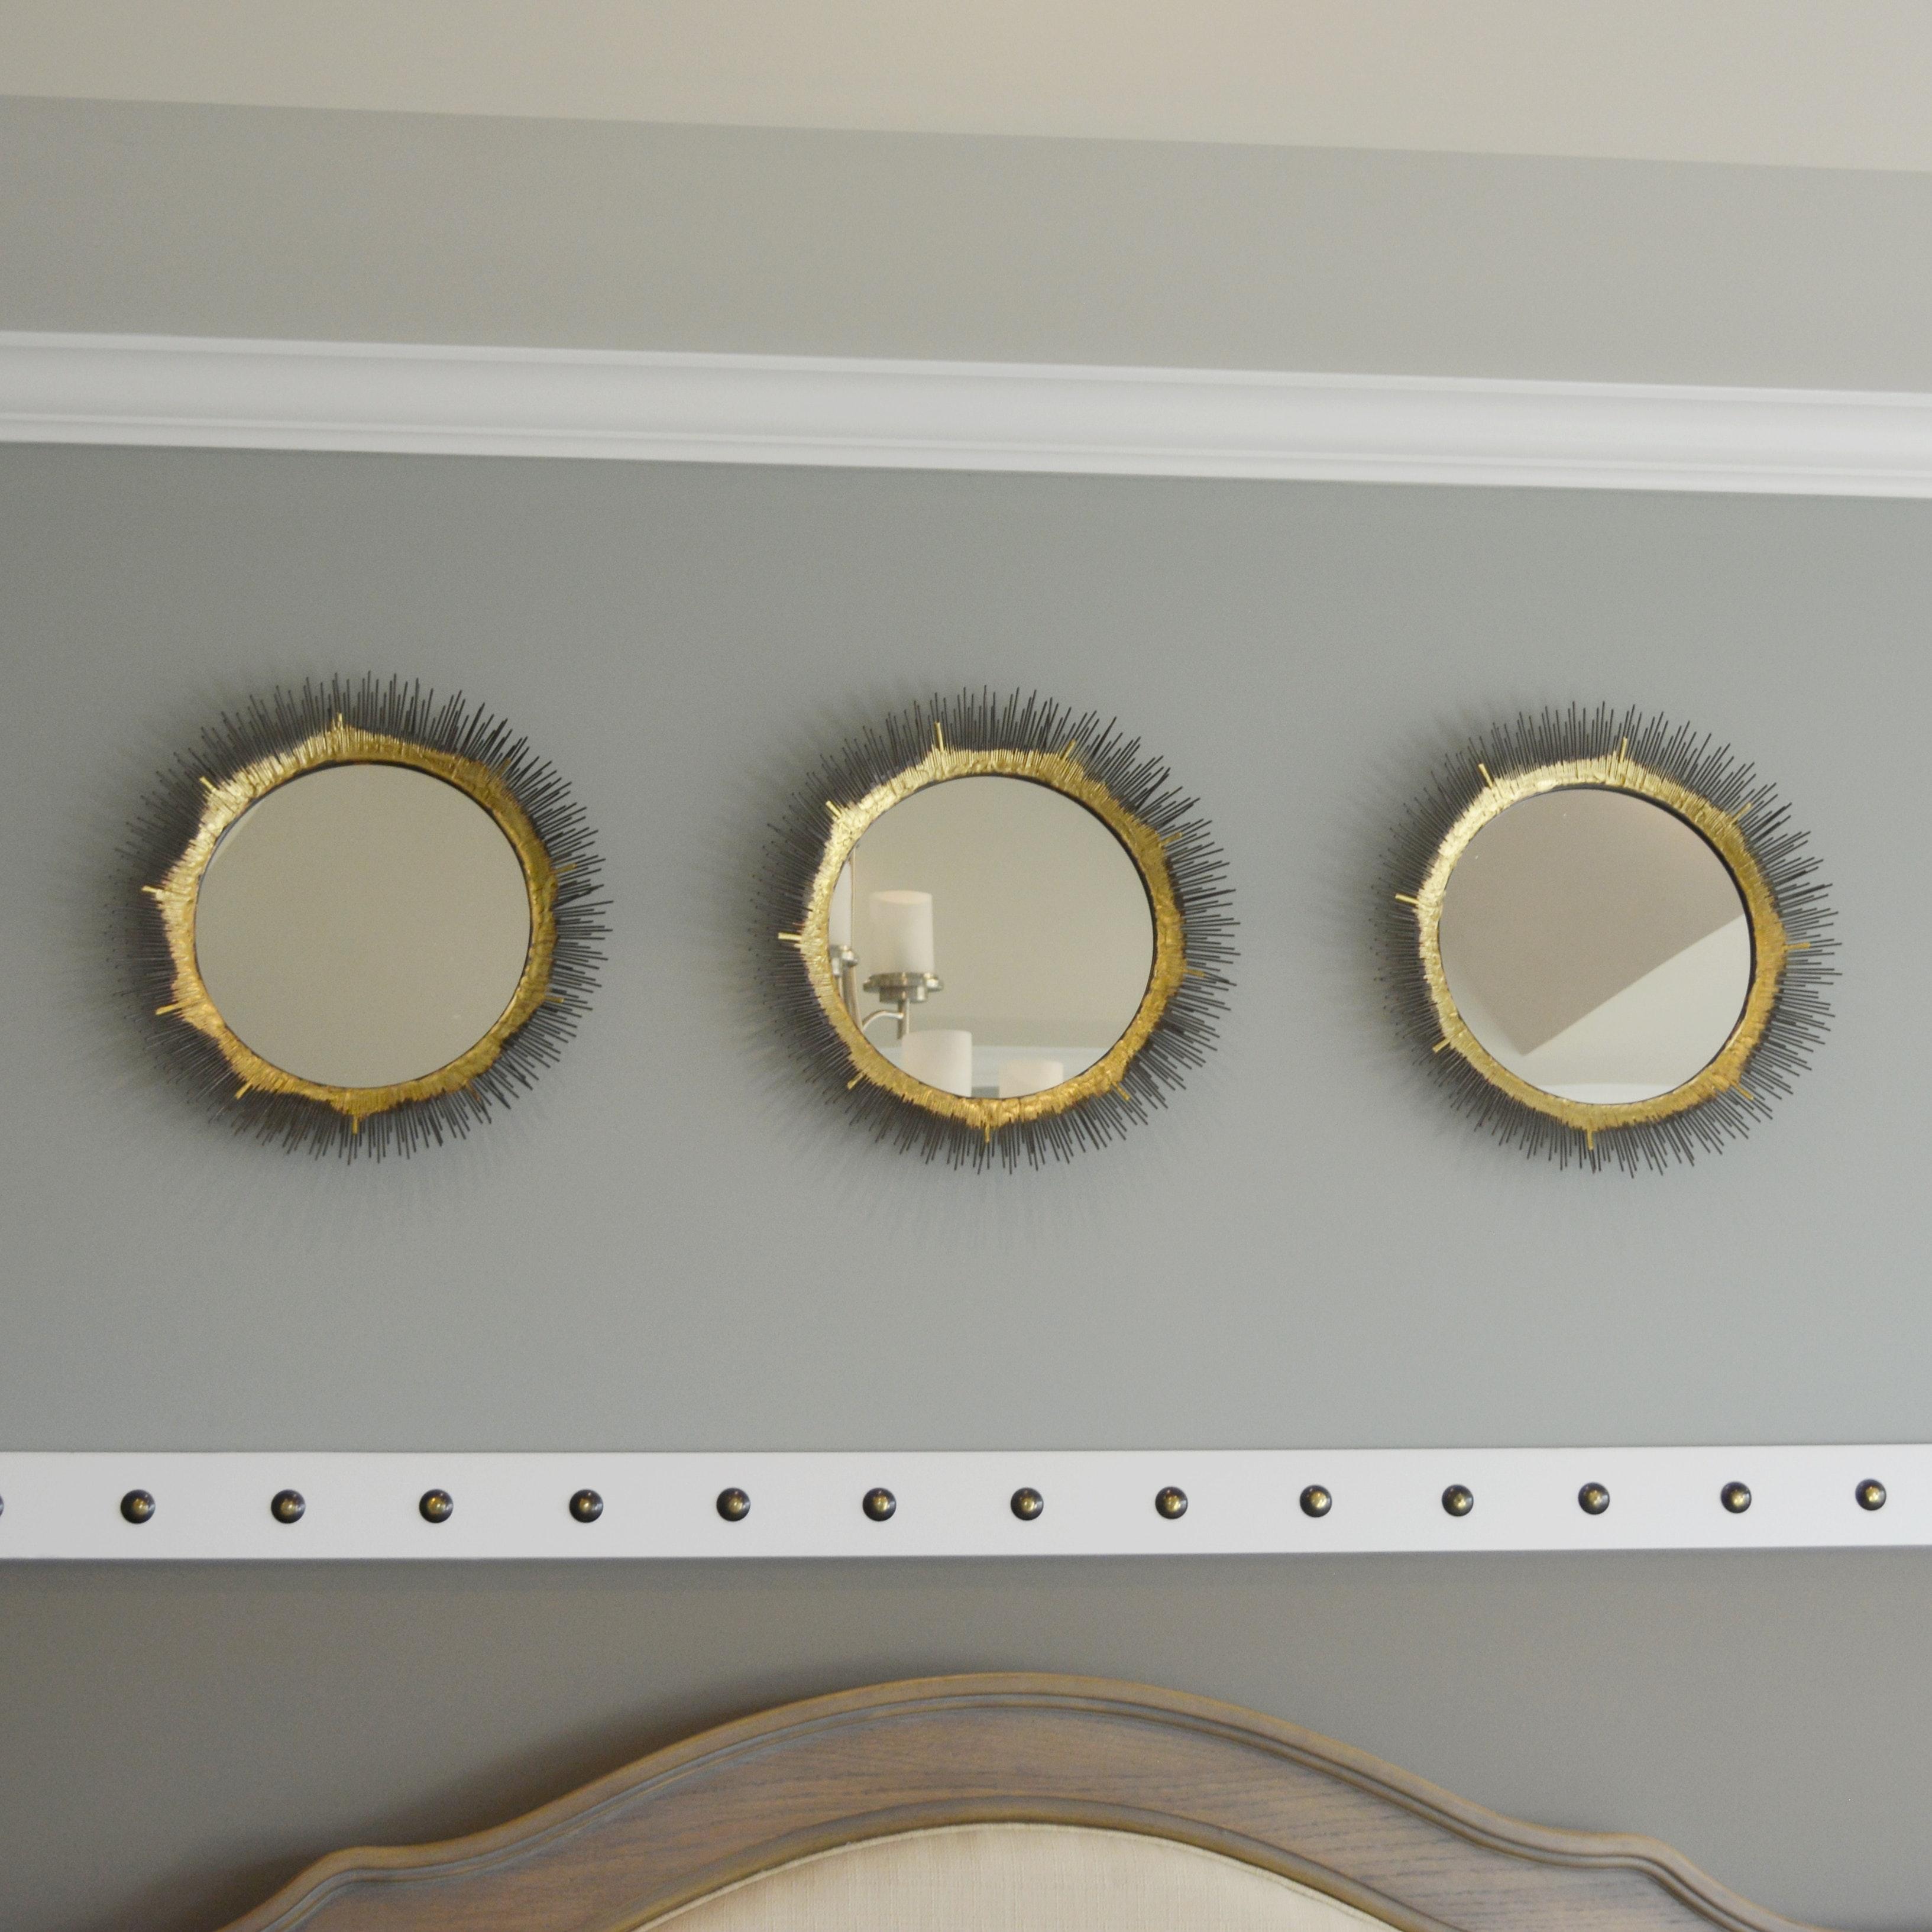 Three Metal Decorative Wall Mirrors